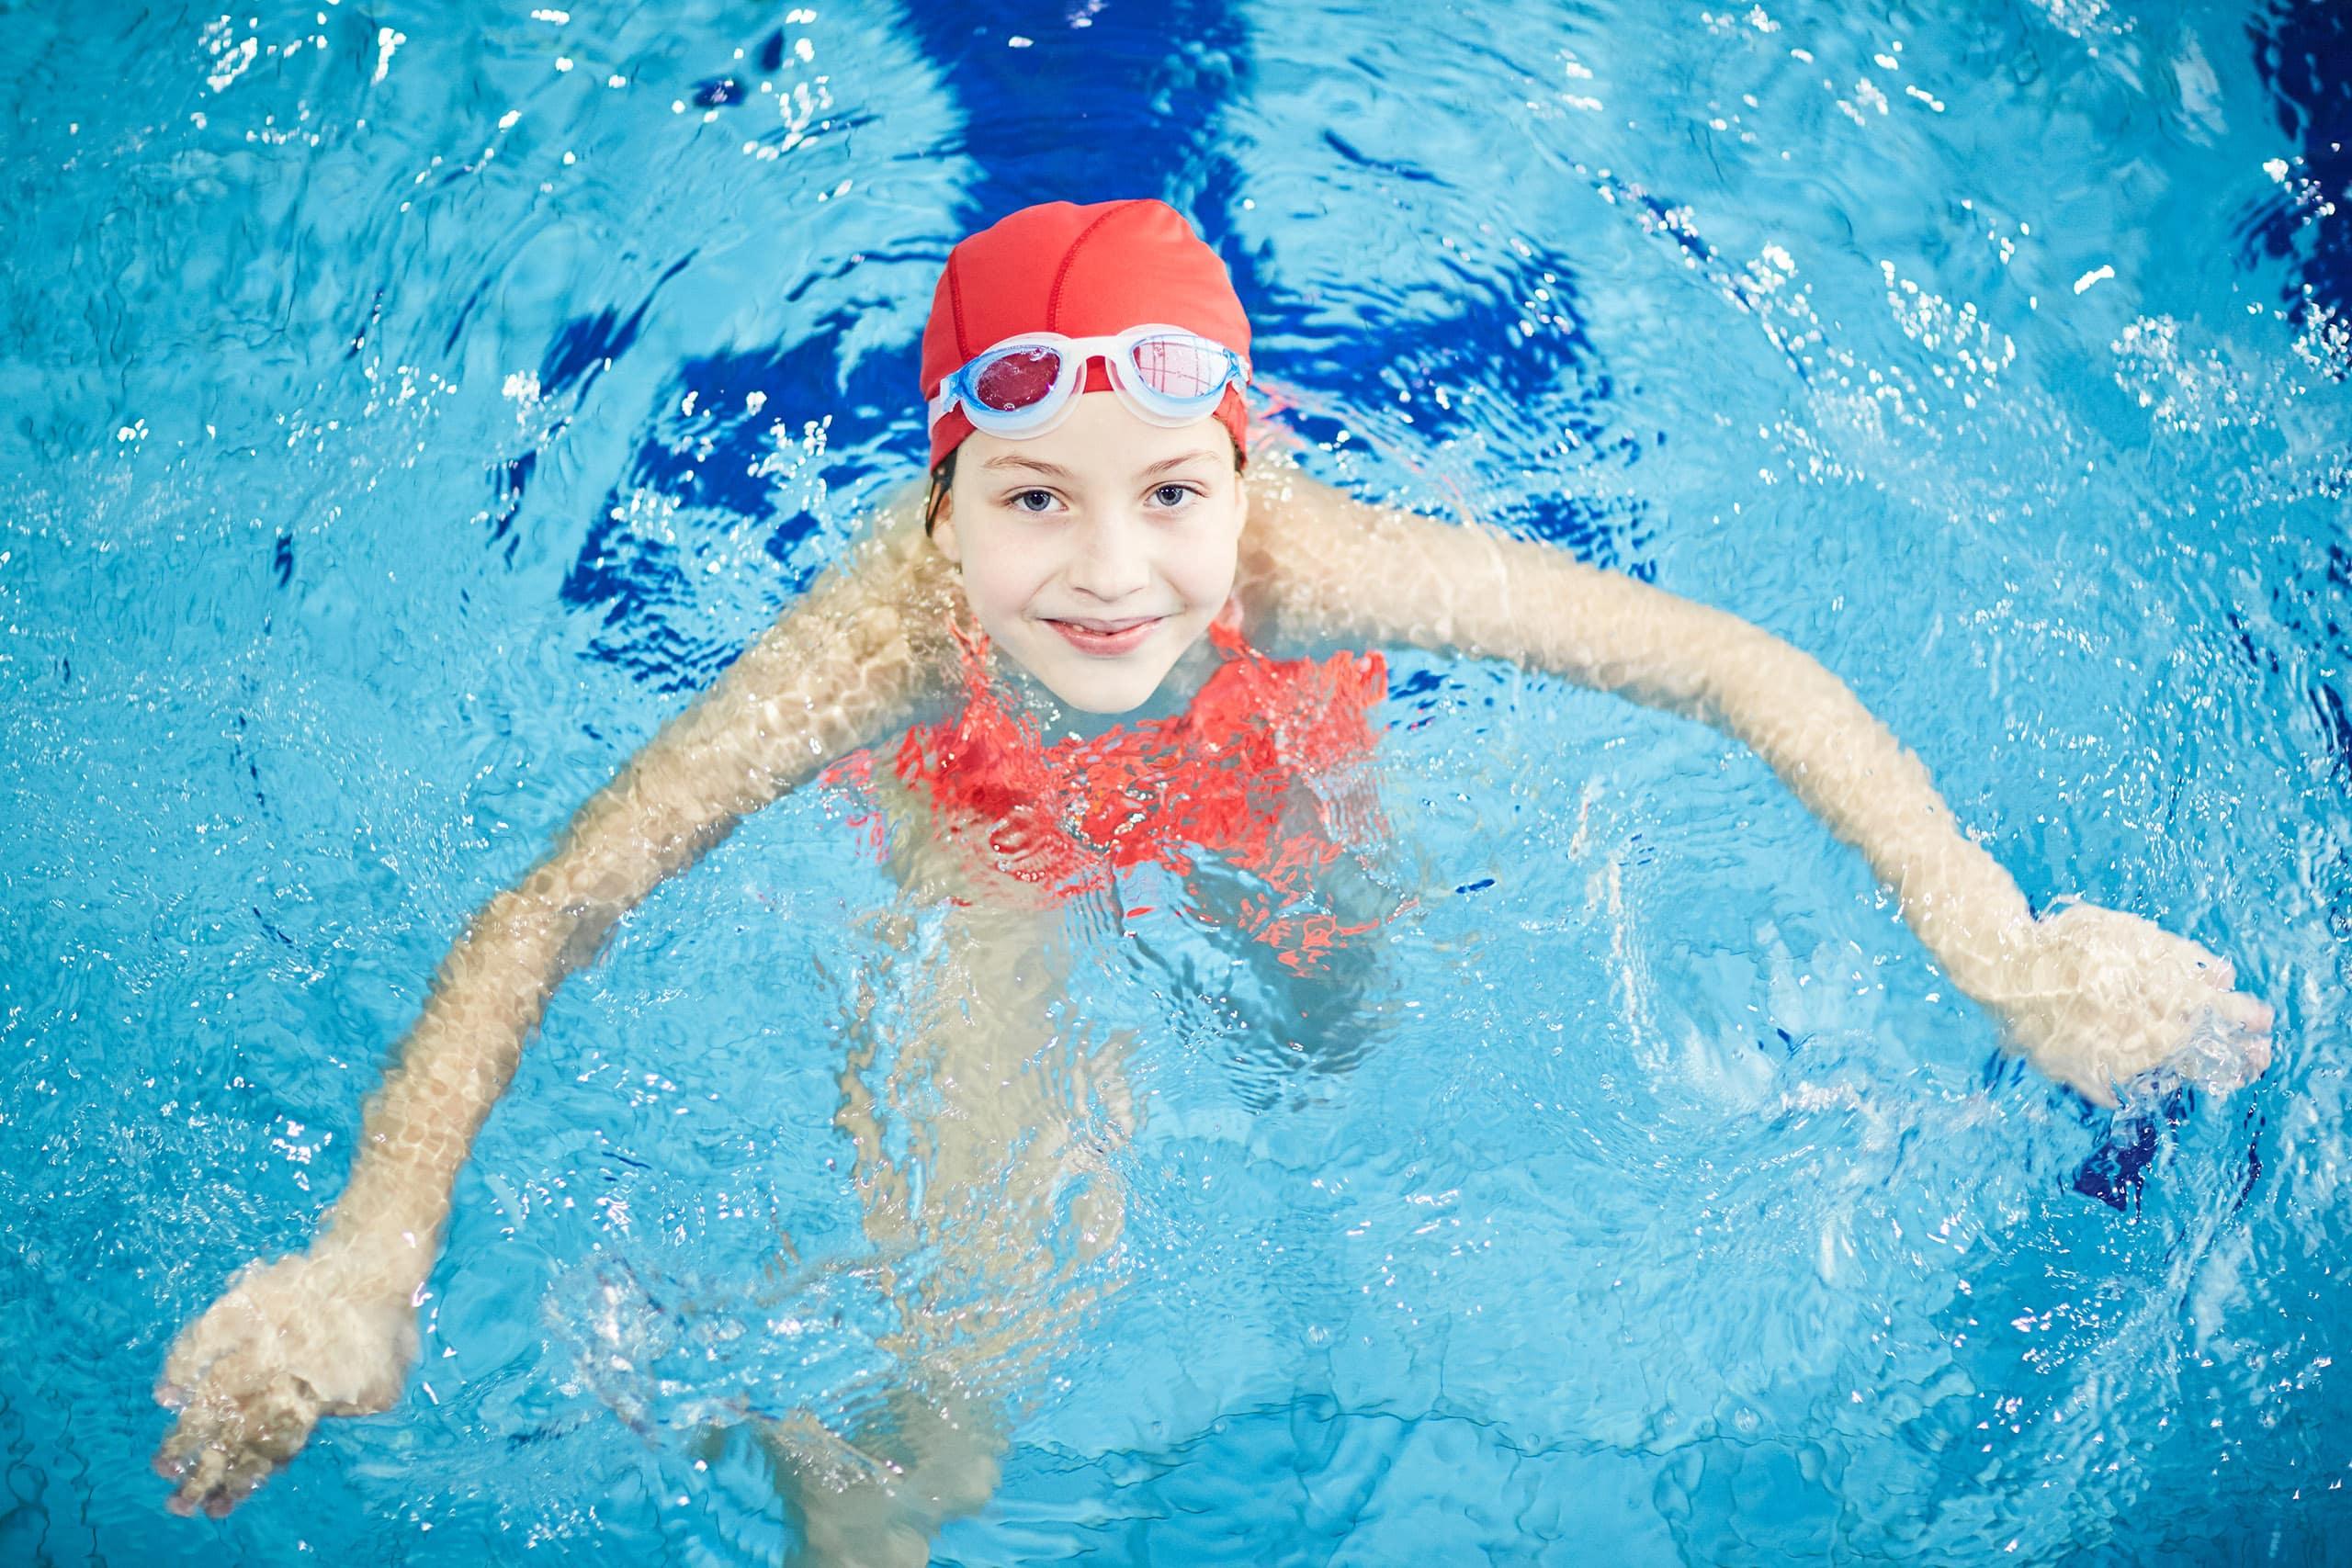 Gut Landegge Familotel Emsland Schwimmschule im Familienurlaub